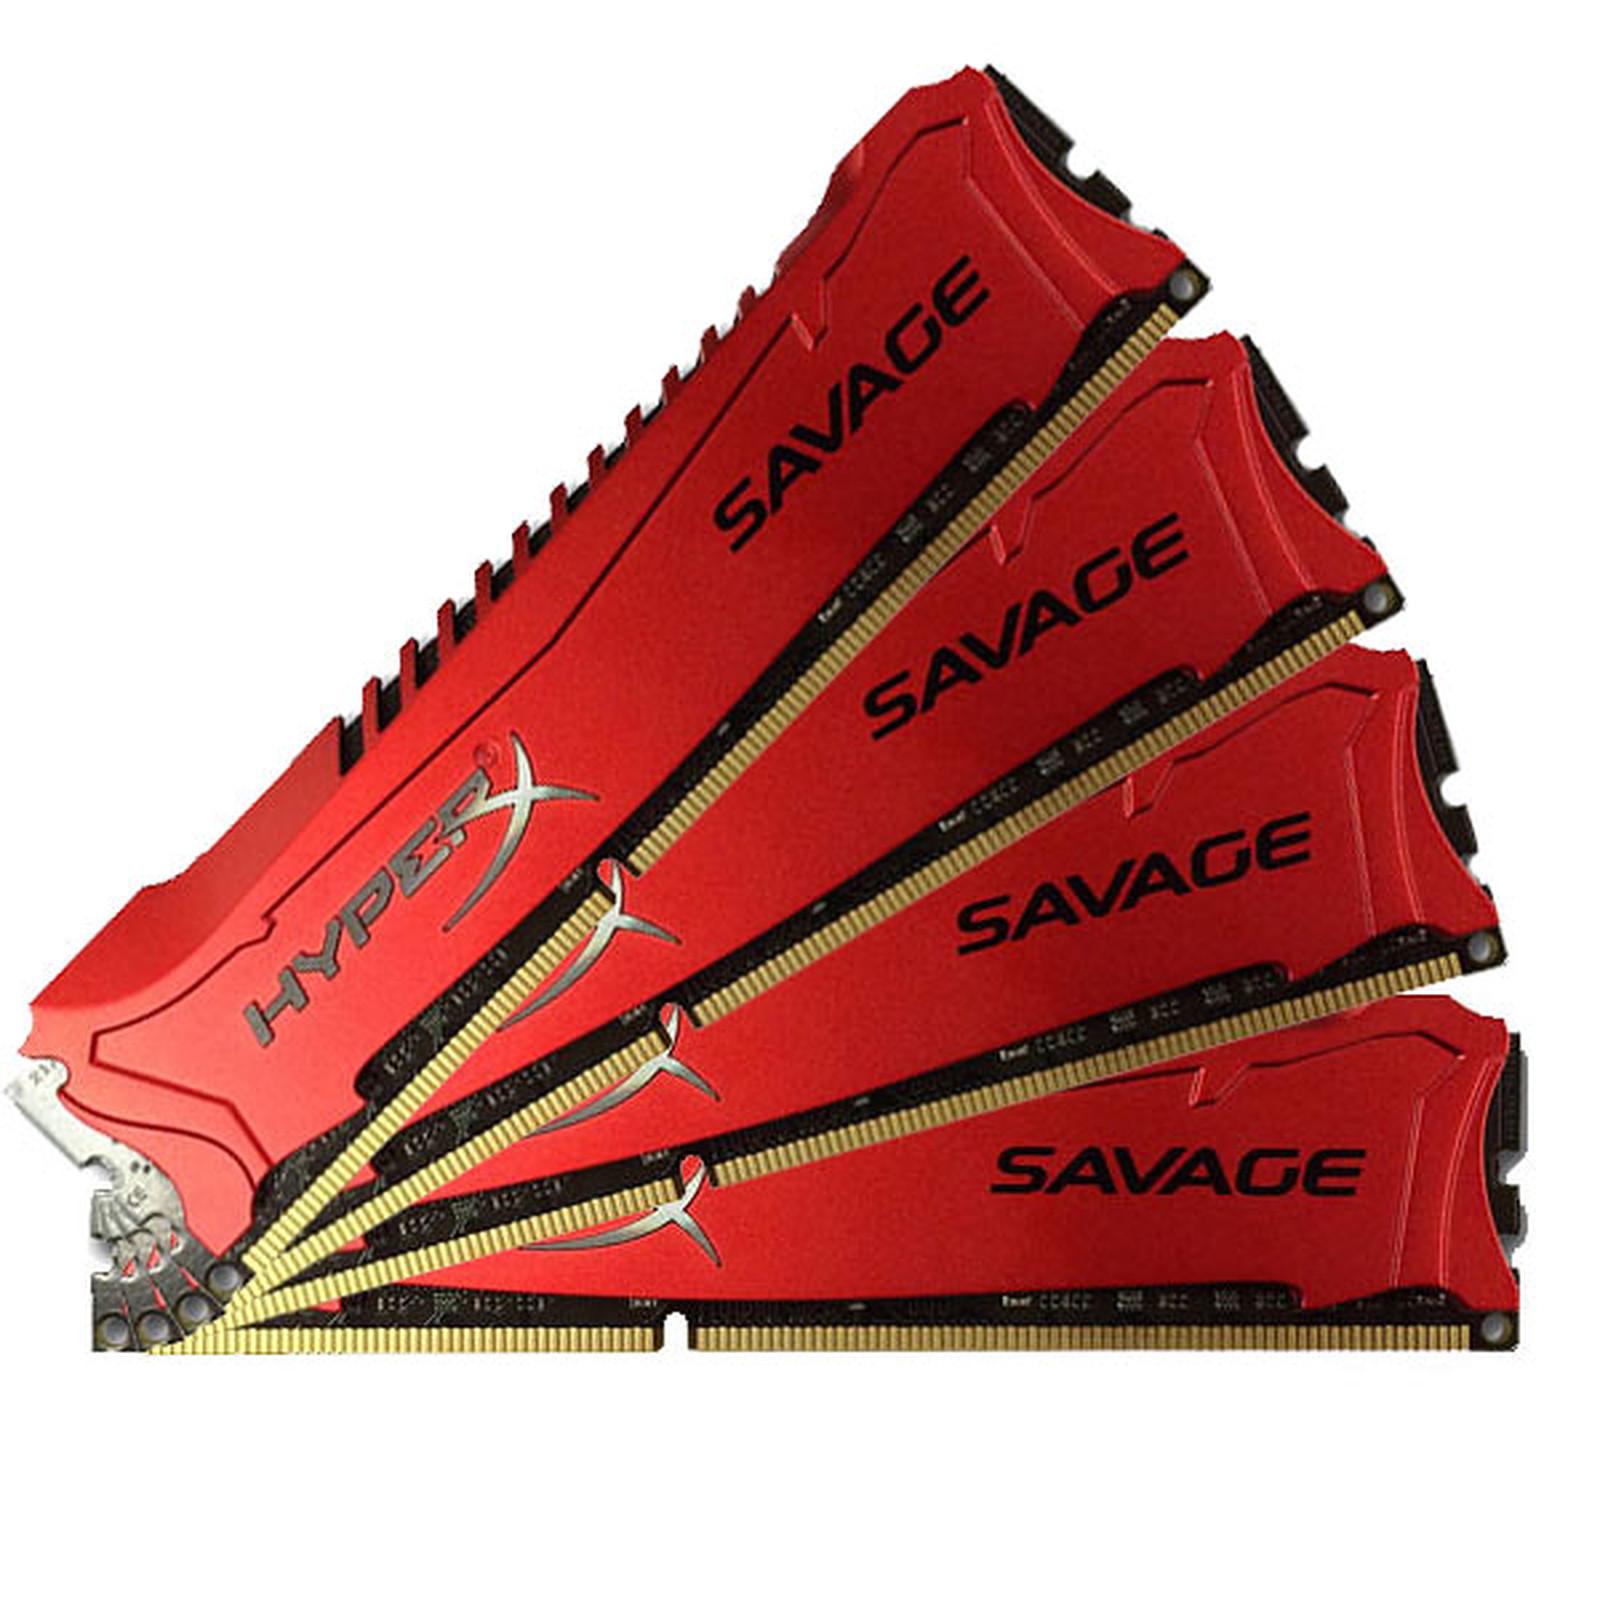 HyperX Savage 32 Go (4 x 8 Go) DDR3 1600 MHz XMP CL9